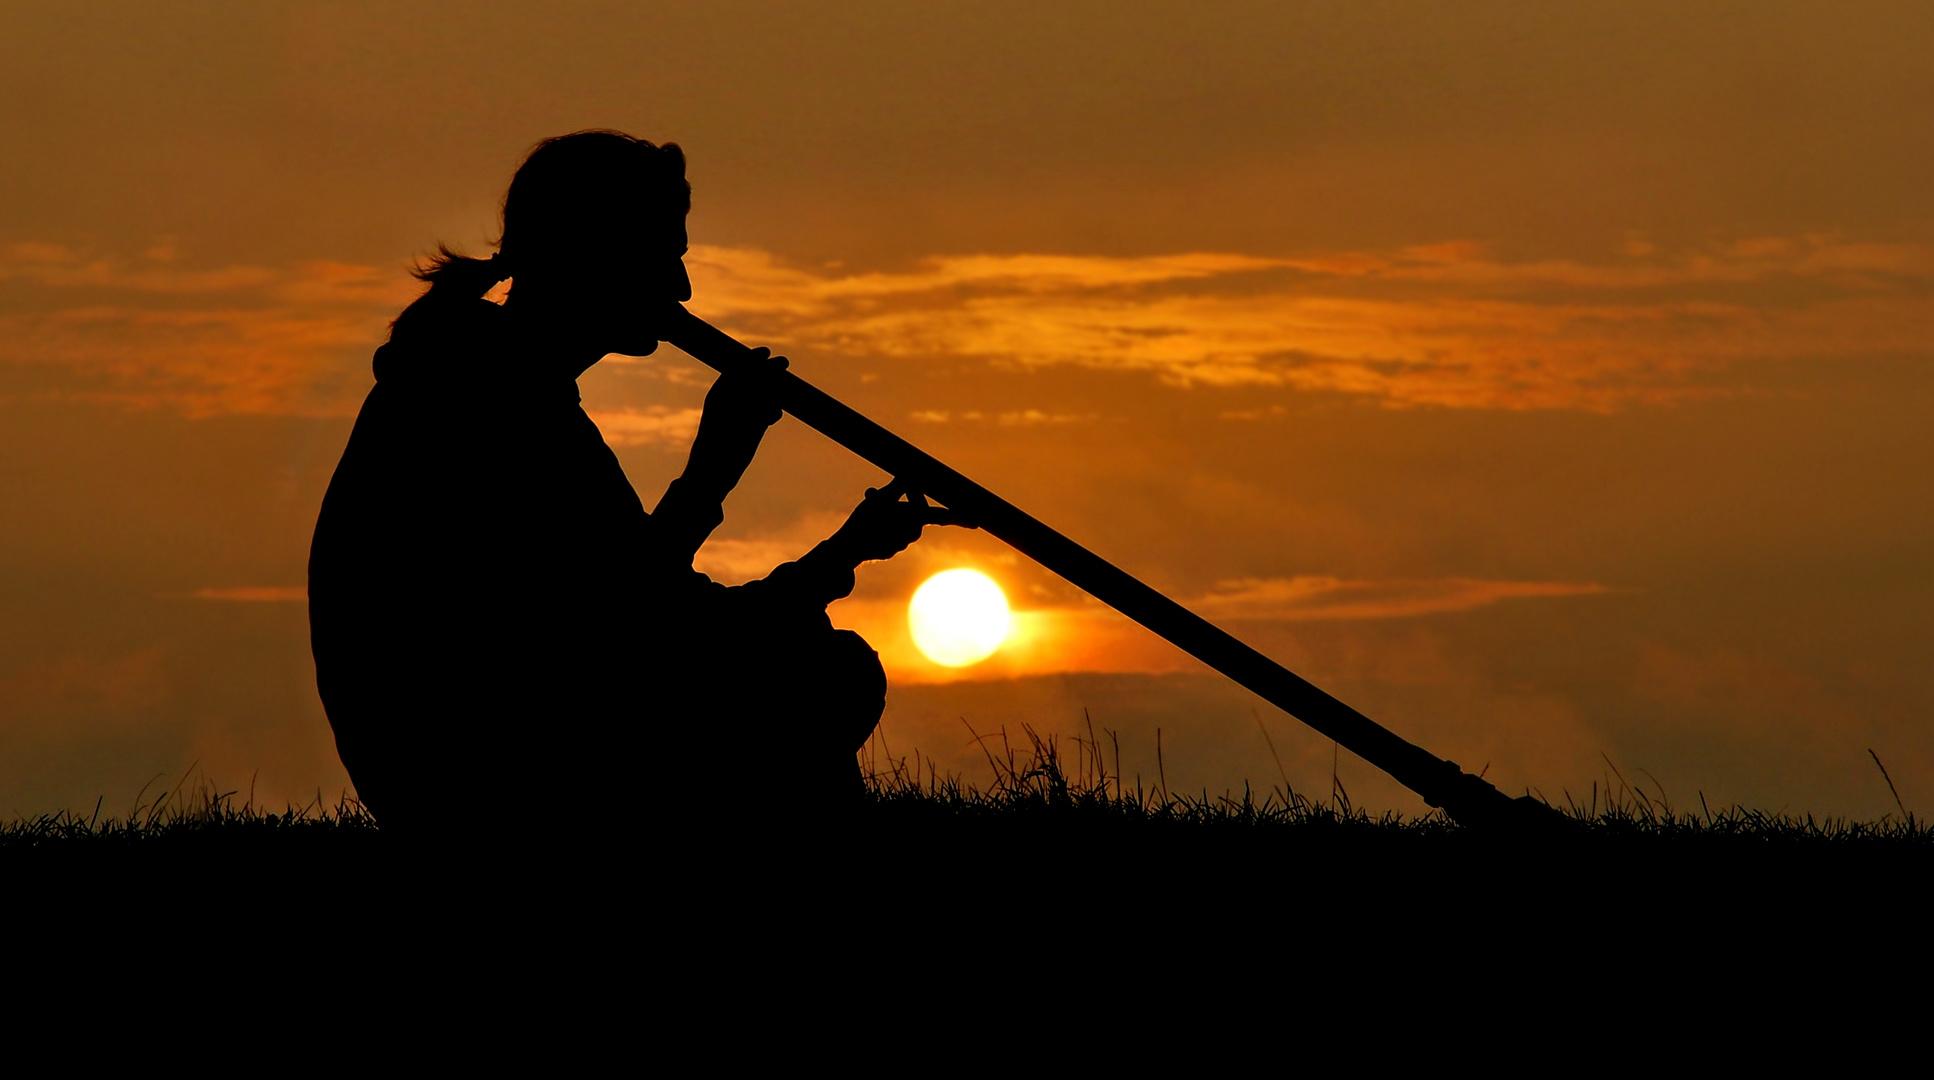 Mein Mann Beim Didgeridoo Spielen Auf Fehmarn Foto Bild